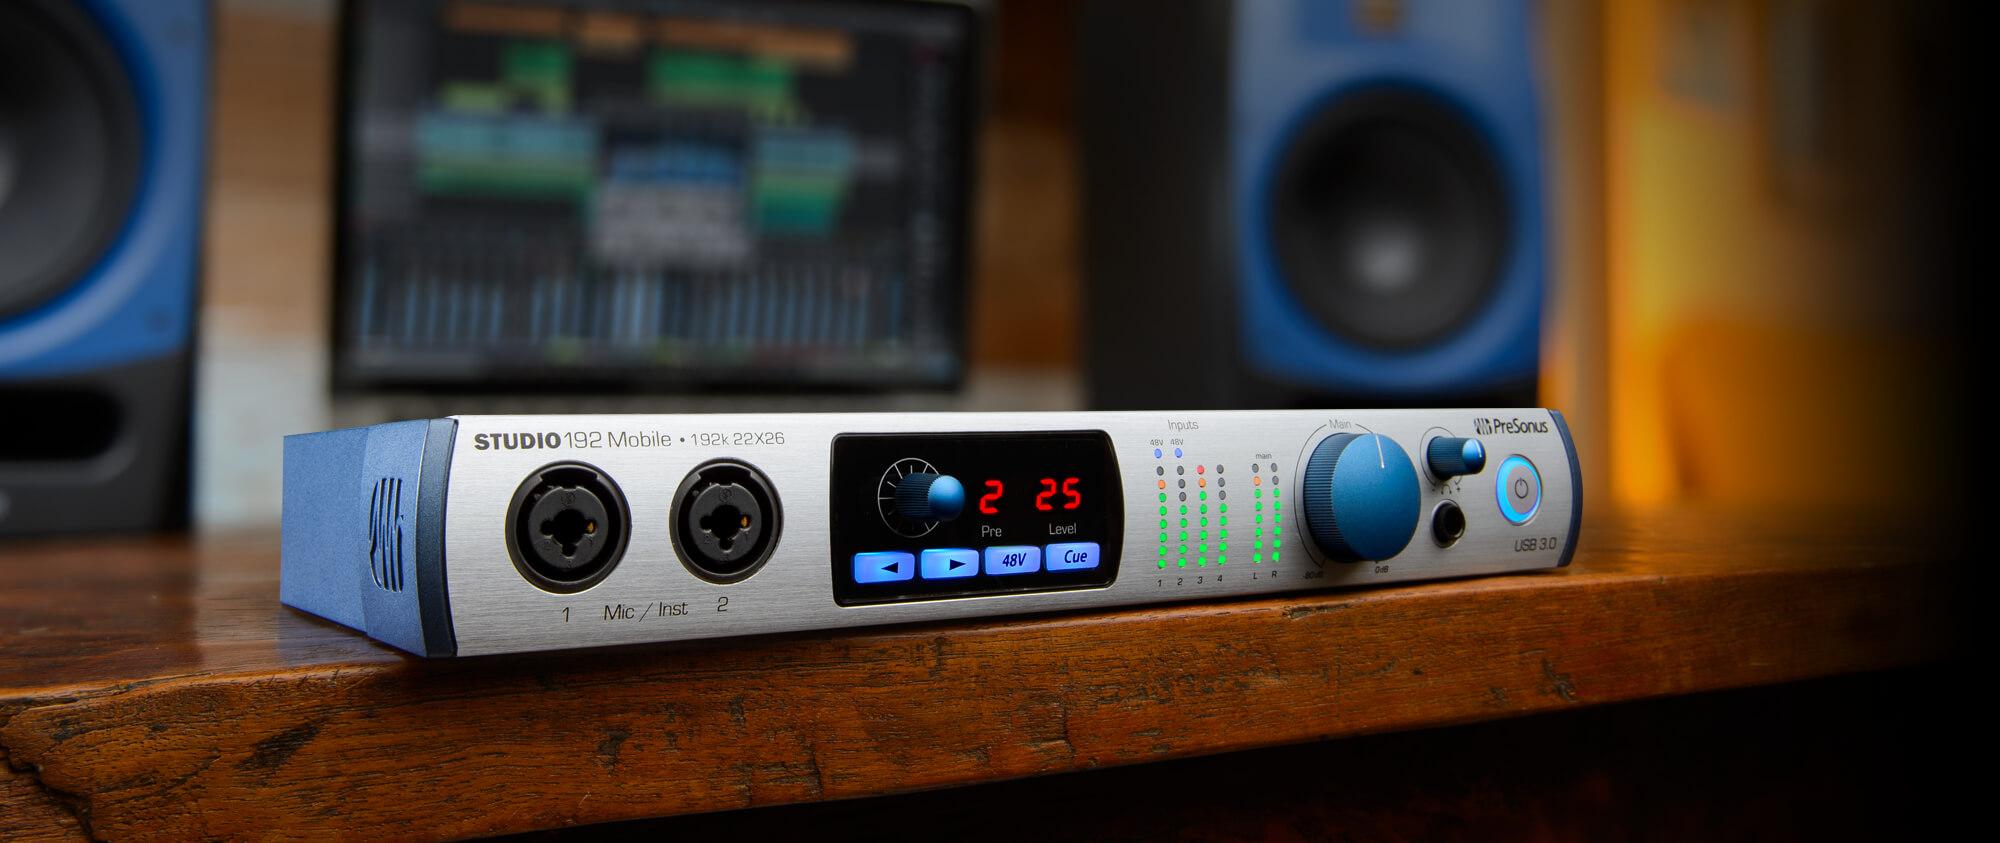 Studio 192 Mobile | PreSonus